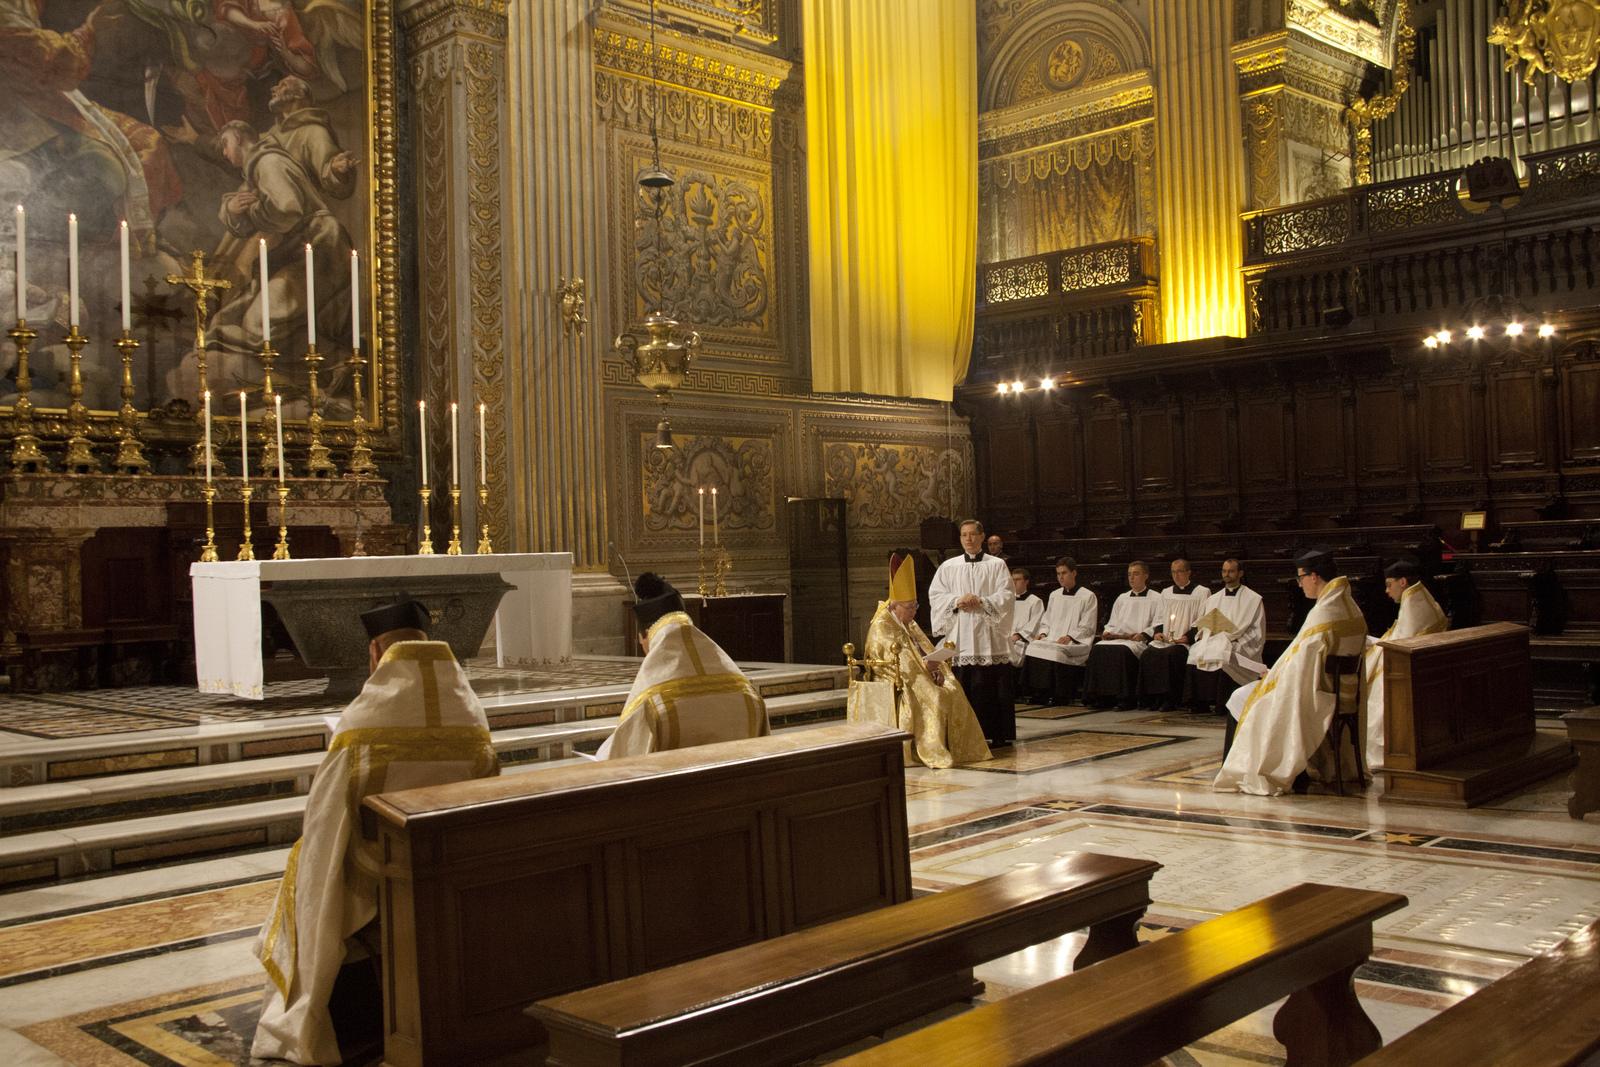 Vespri pontificali in S. Pietro Cappella del Coro l'8 novembre 2013